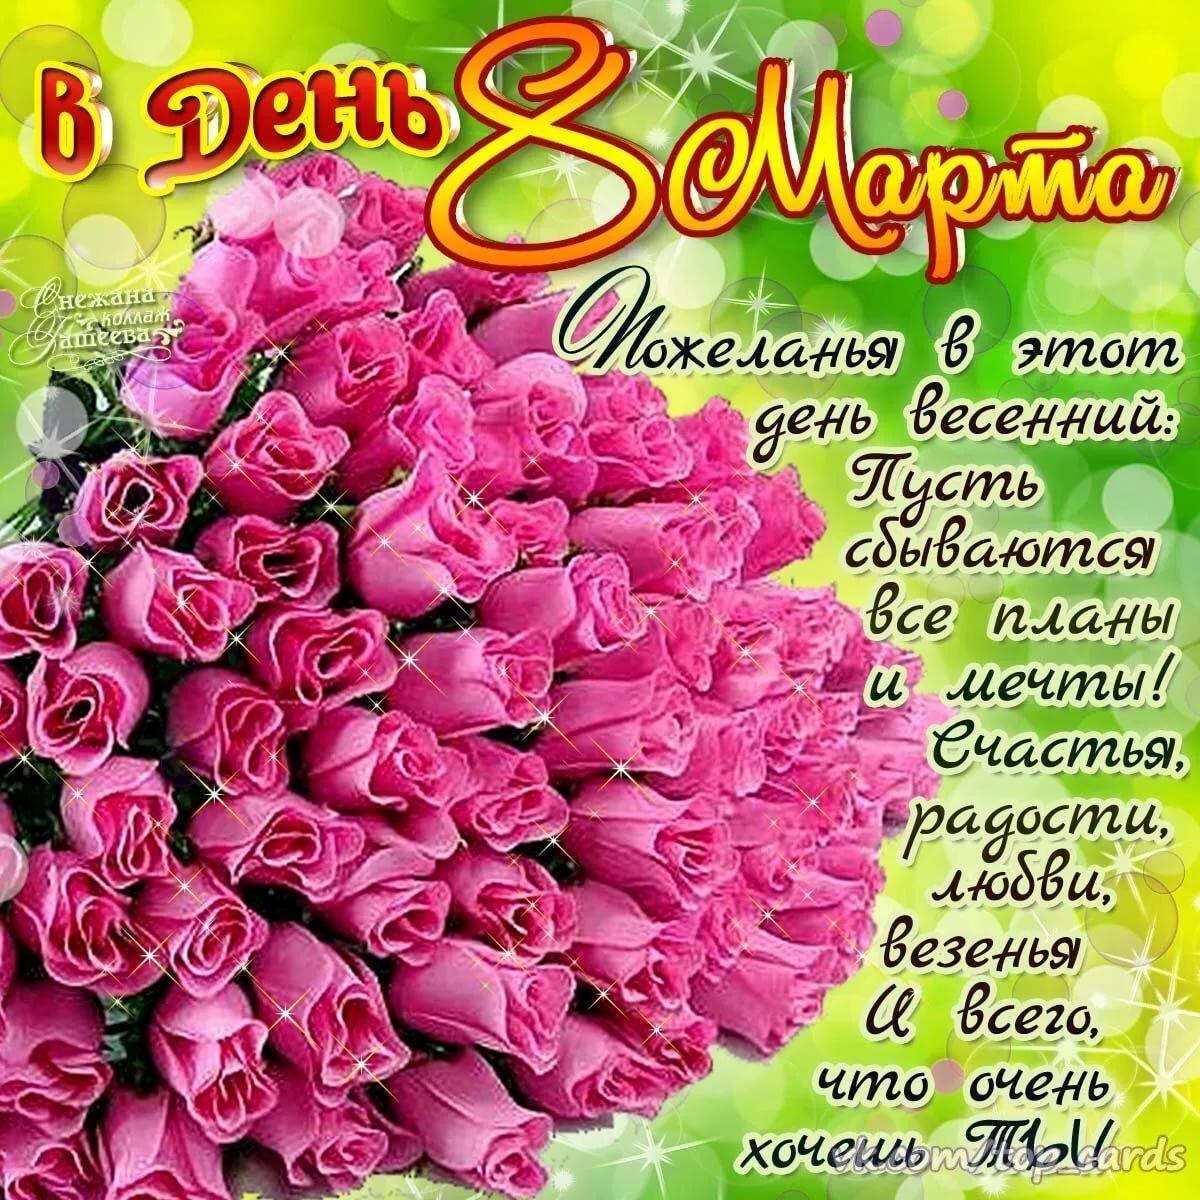 Поздравления с 8 марта прикольные красивые картинки, день святого николая